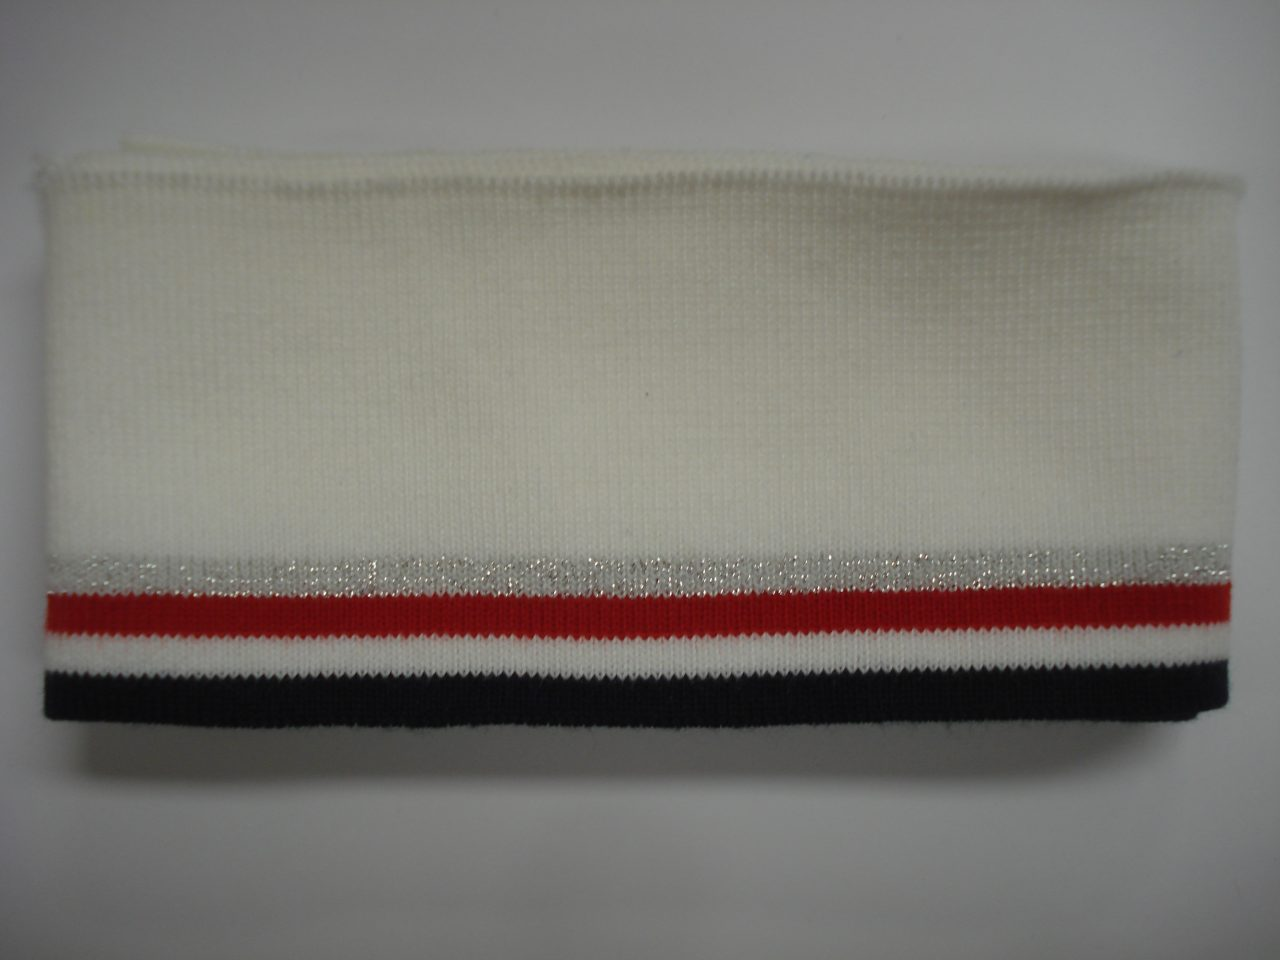 f893ec30c96 Katoenen boord gestreept wit/zilver/rood/wit/blauw 6cm x 110cm - Zus ...